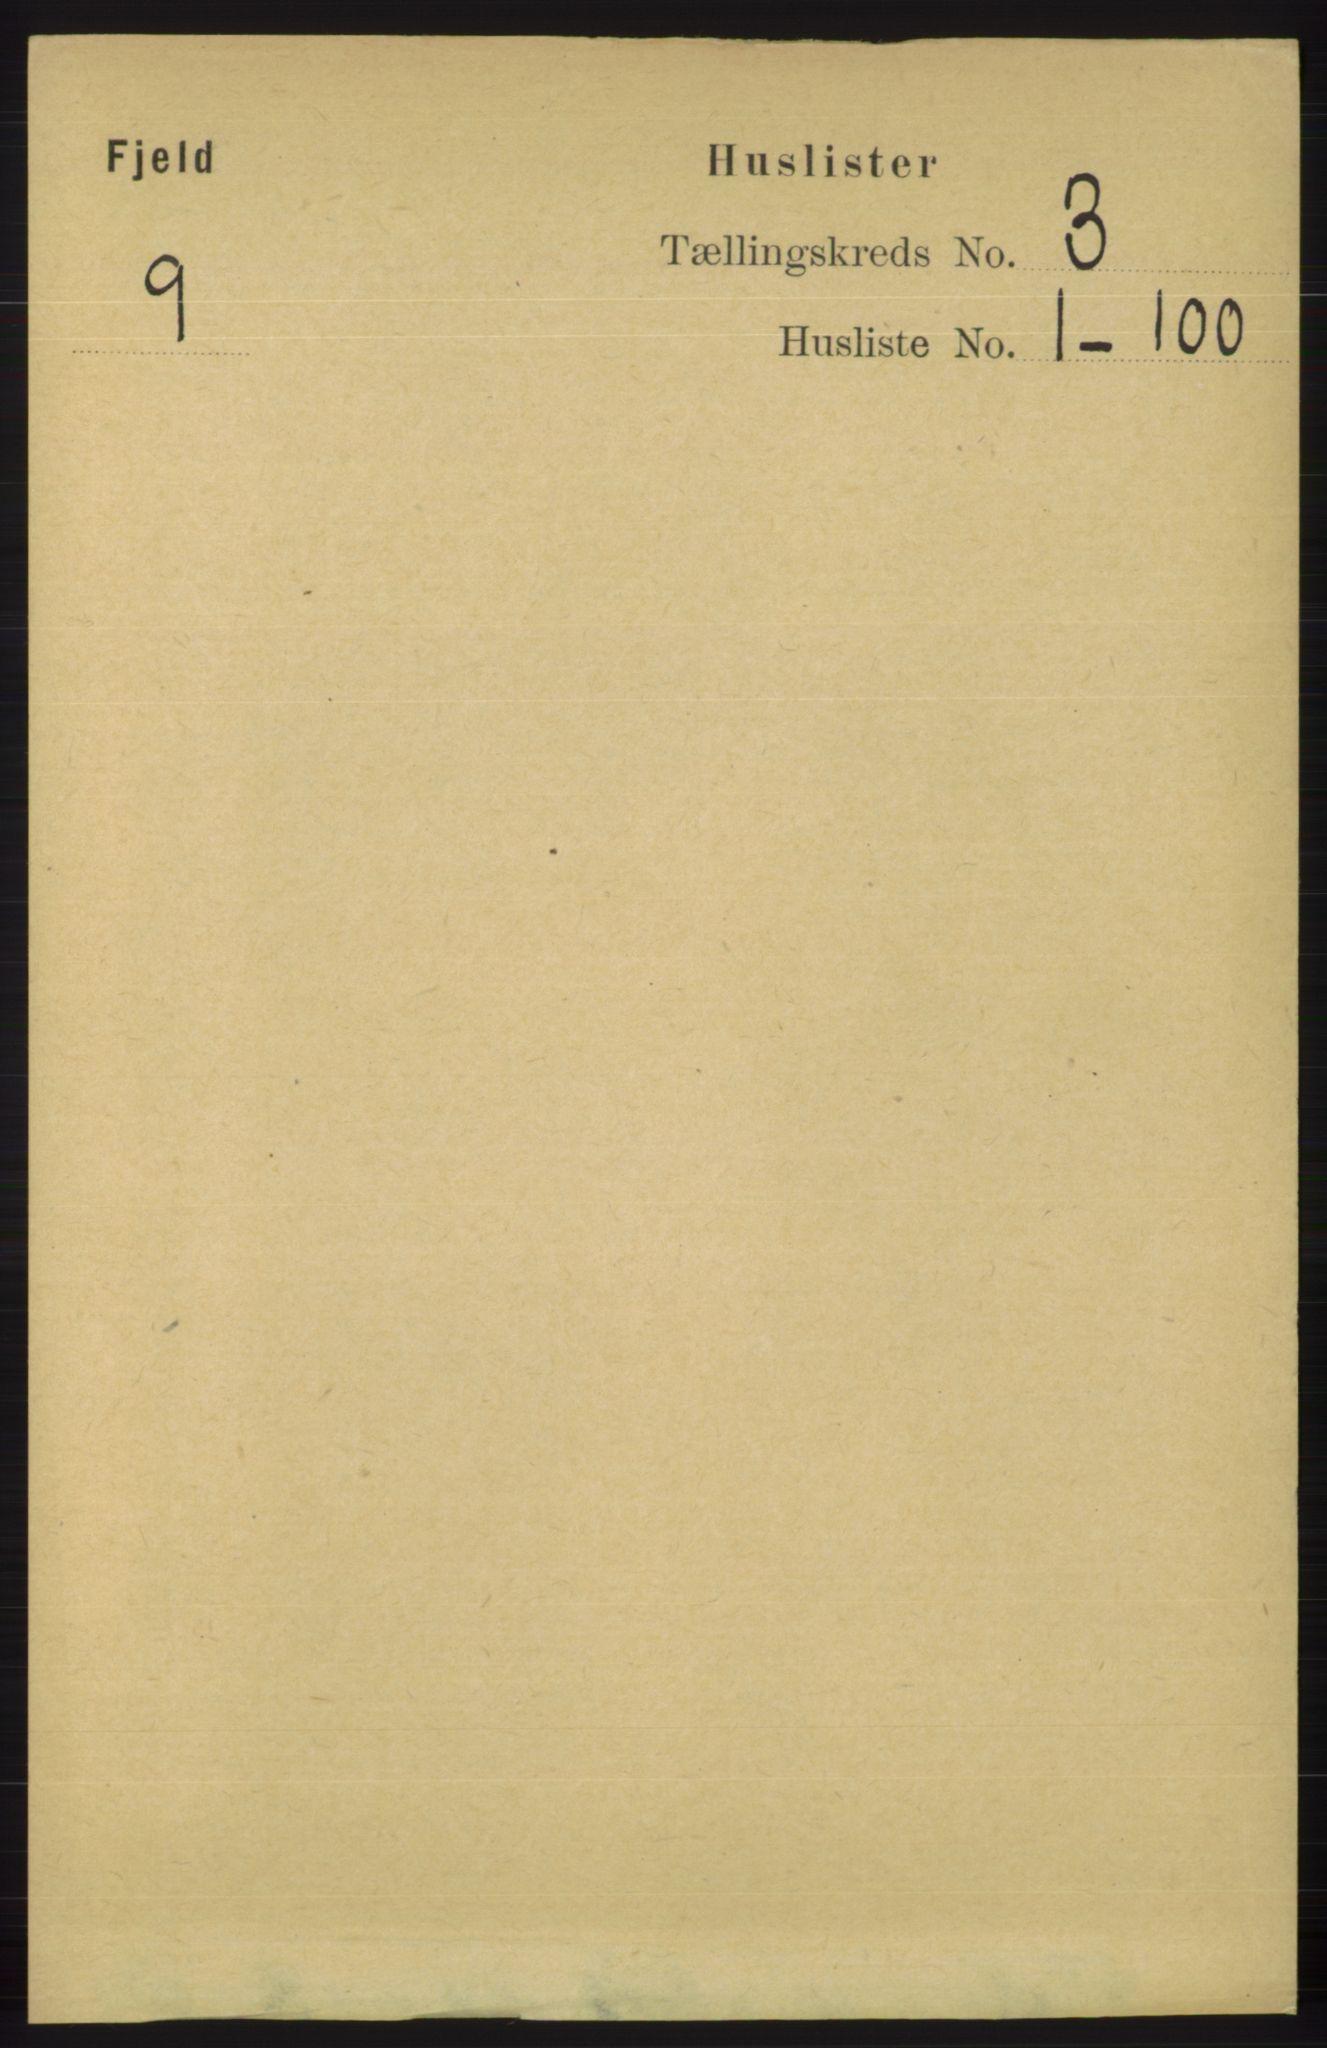 RA, Folketelling 1891 for 1246 Fjell herred, 1891, s. 1213